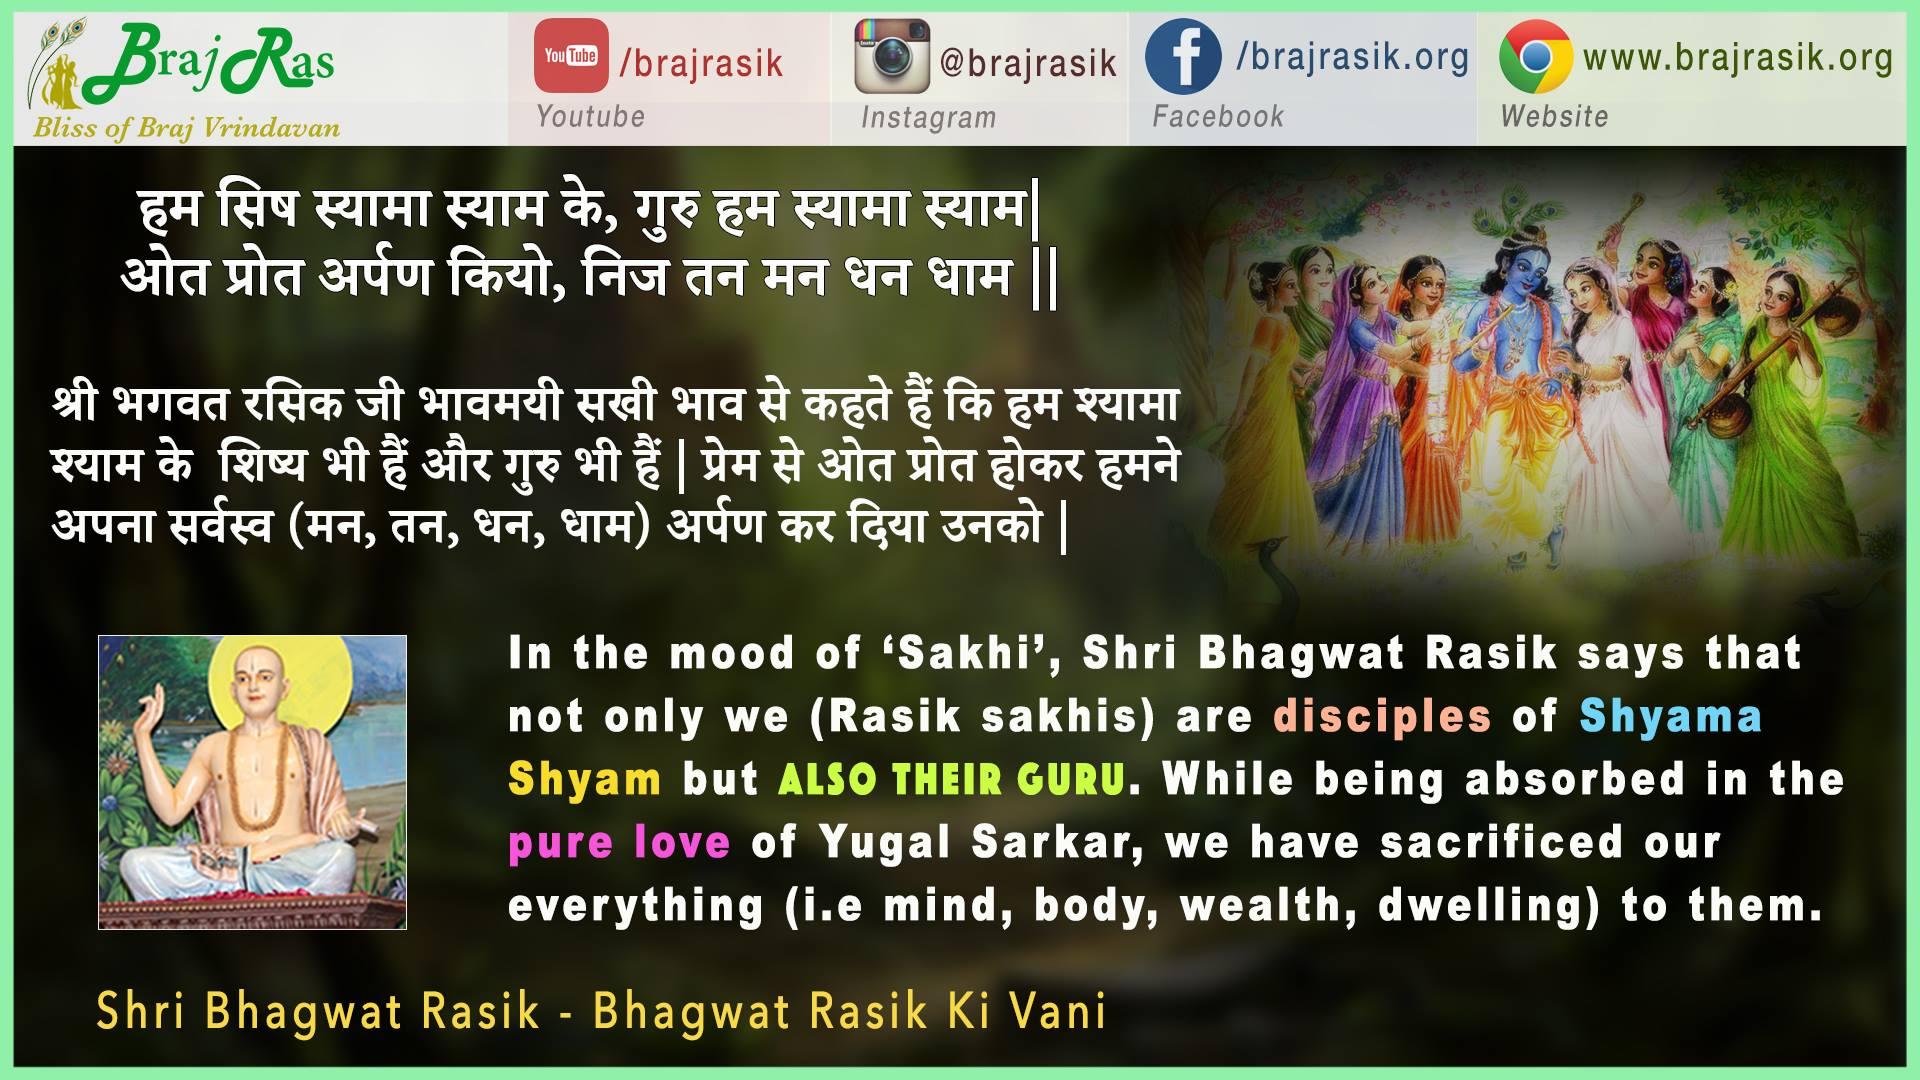 Hum Shisha Shyama Shyam Ke - Shri Bhagwat Rasik, Bhagwat Rasik Ki Vani